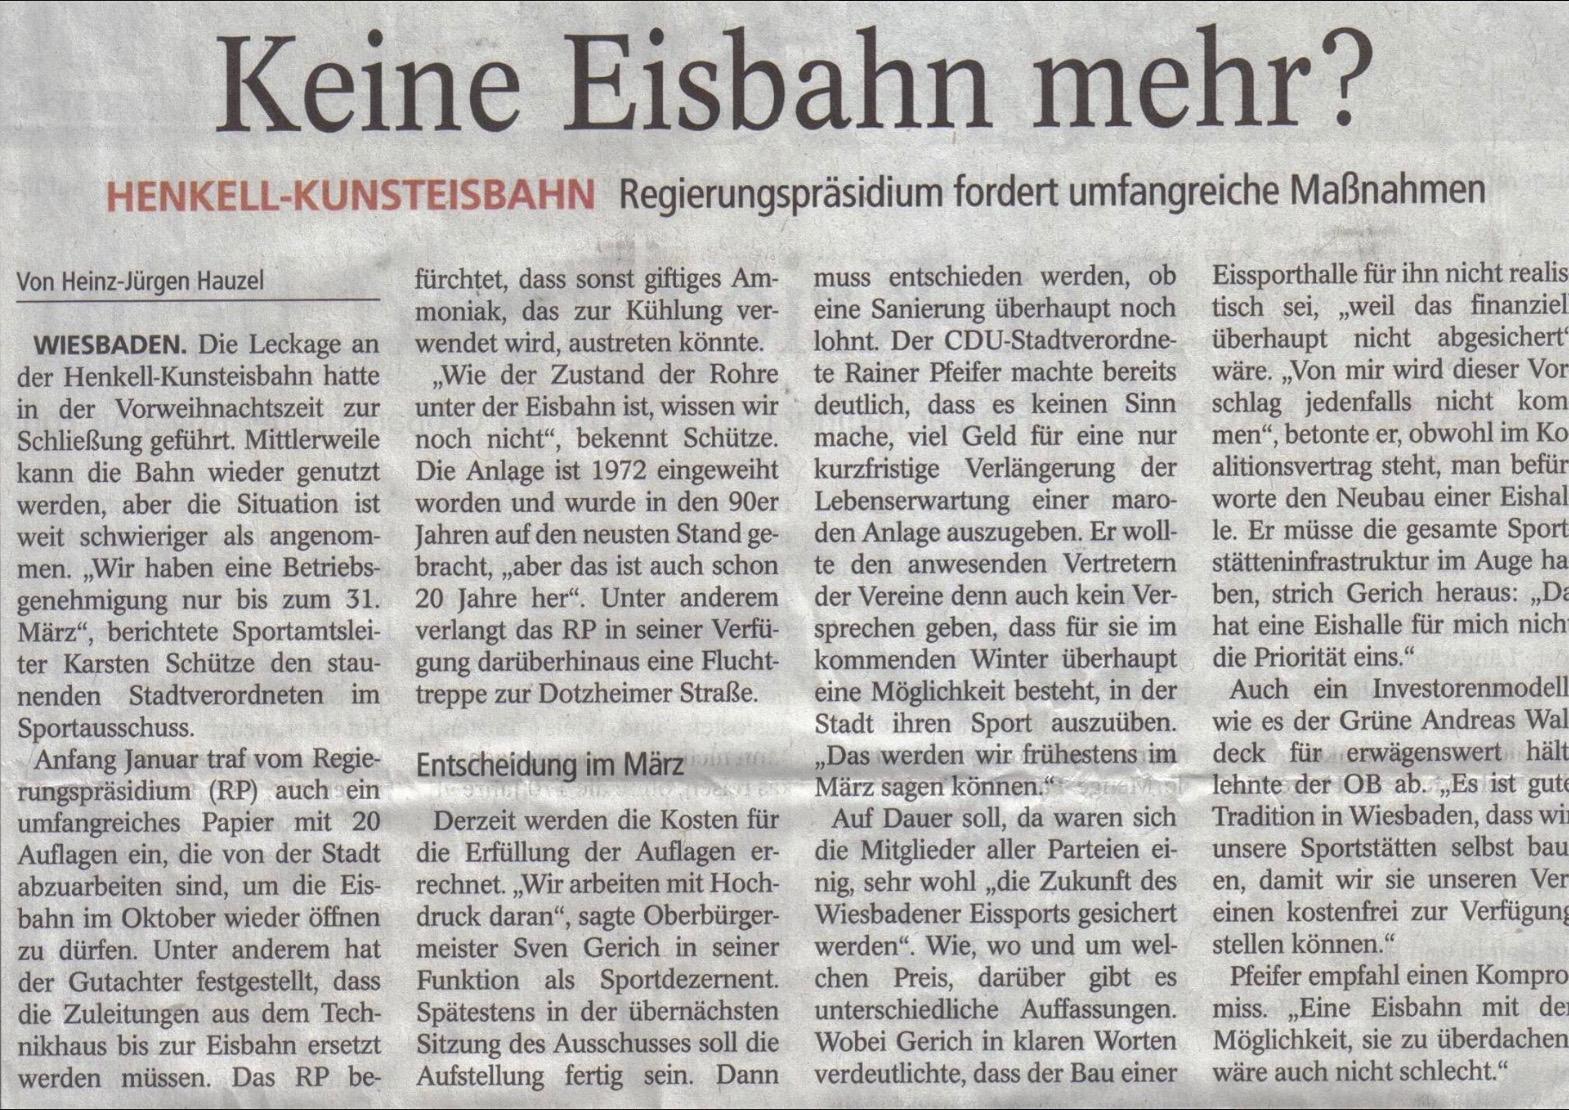 Zeitungsartikel 'Keine Eisbahn mehr?' von Heinz-Jürgen Hauzel